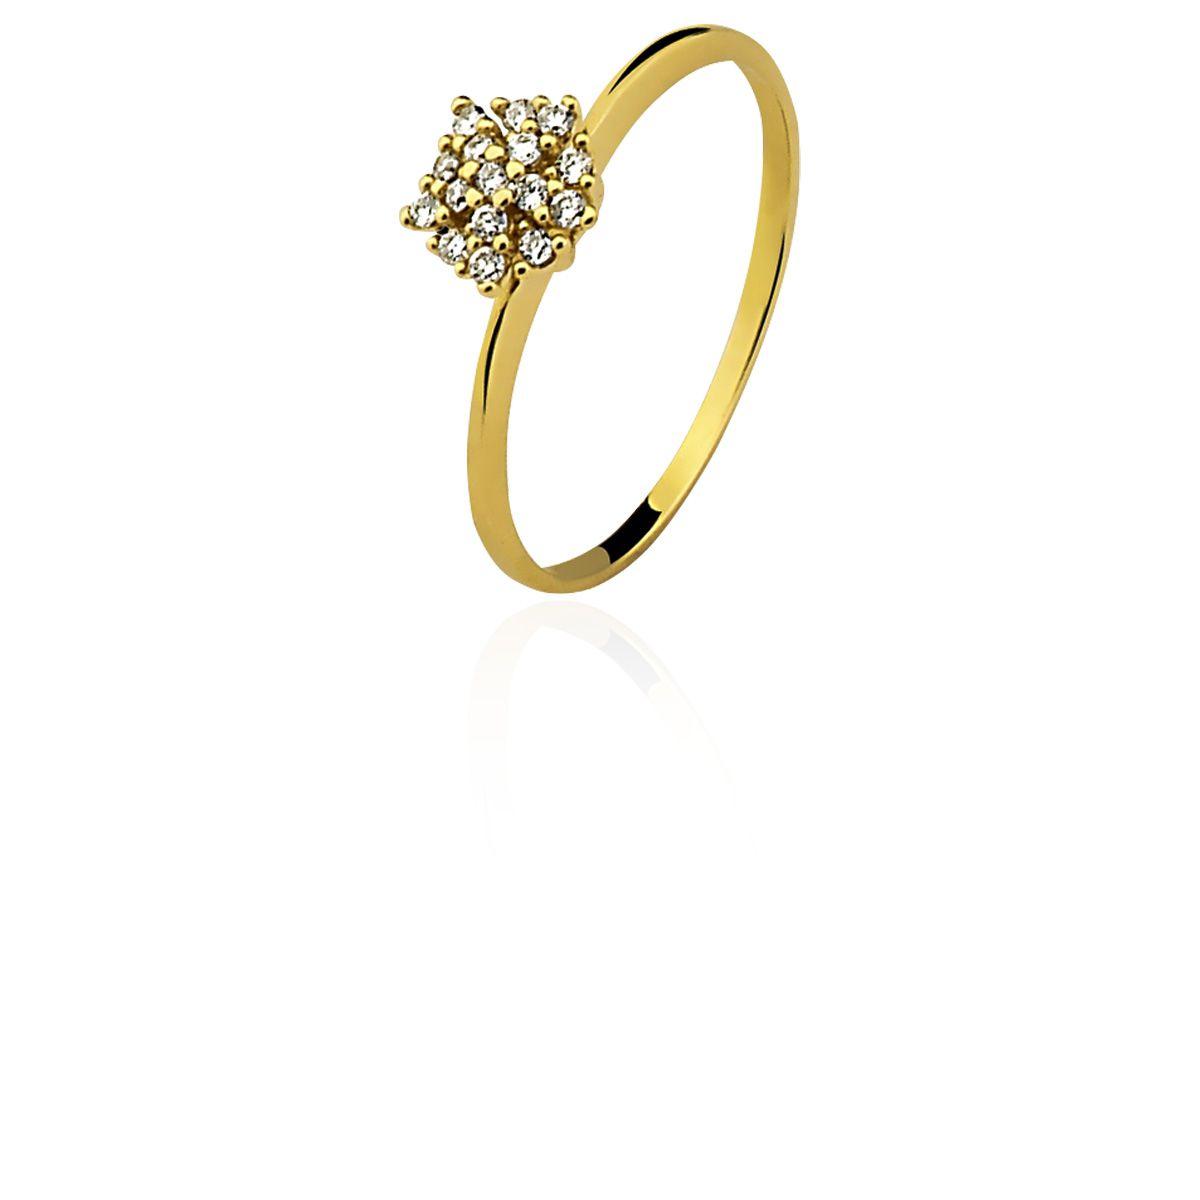 Anel Ouro 18k Amarelo Clássico Chuveirinho L 19.6